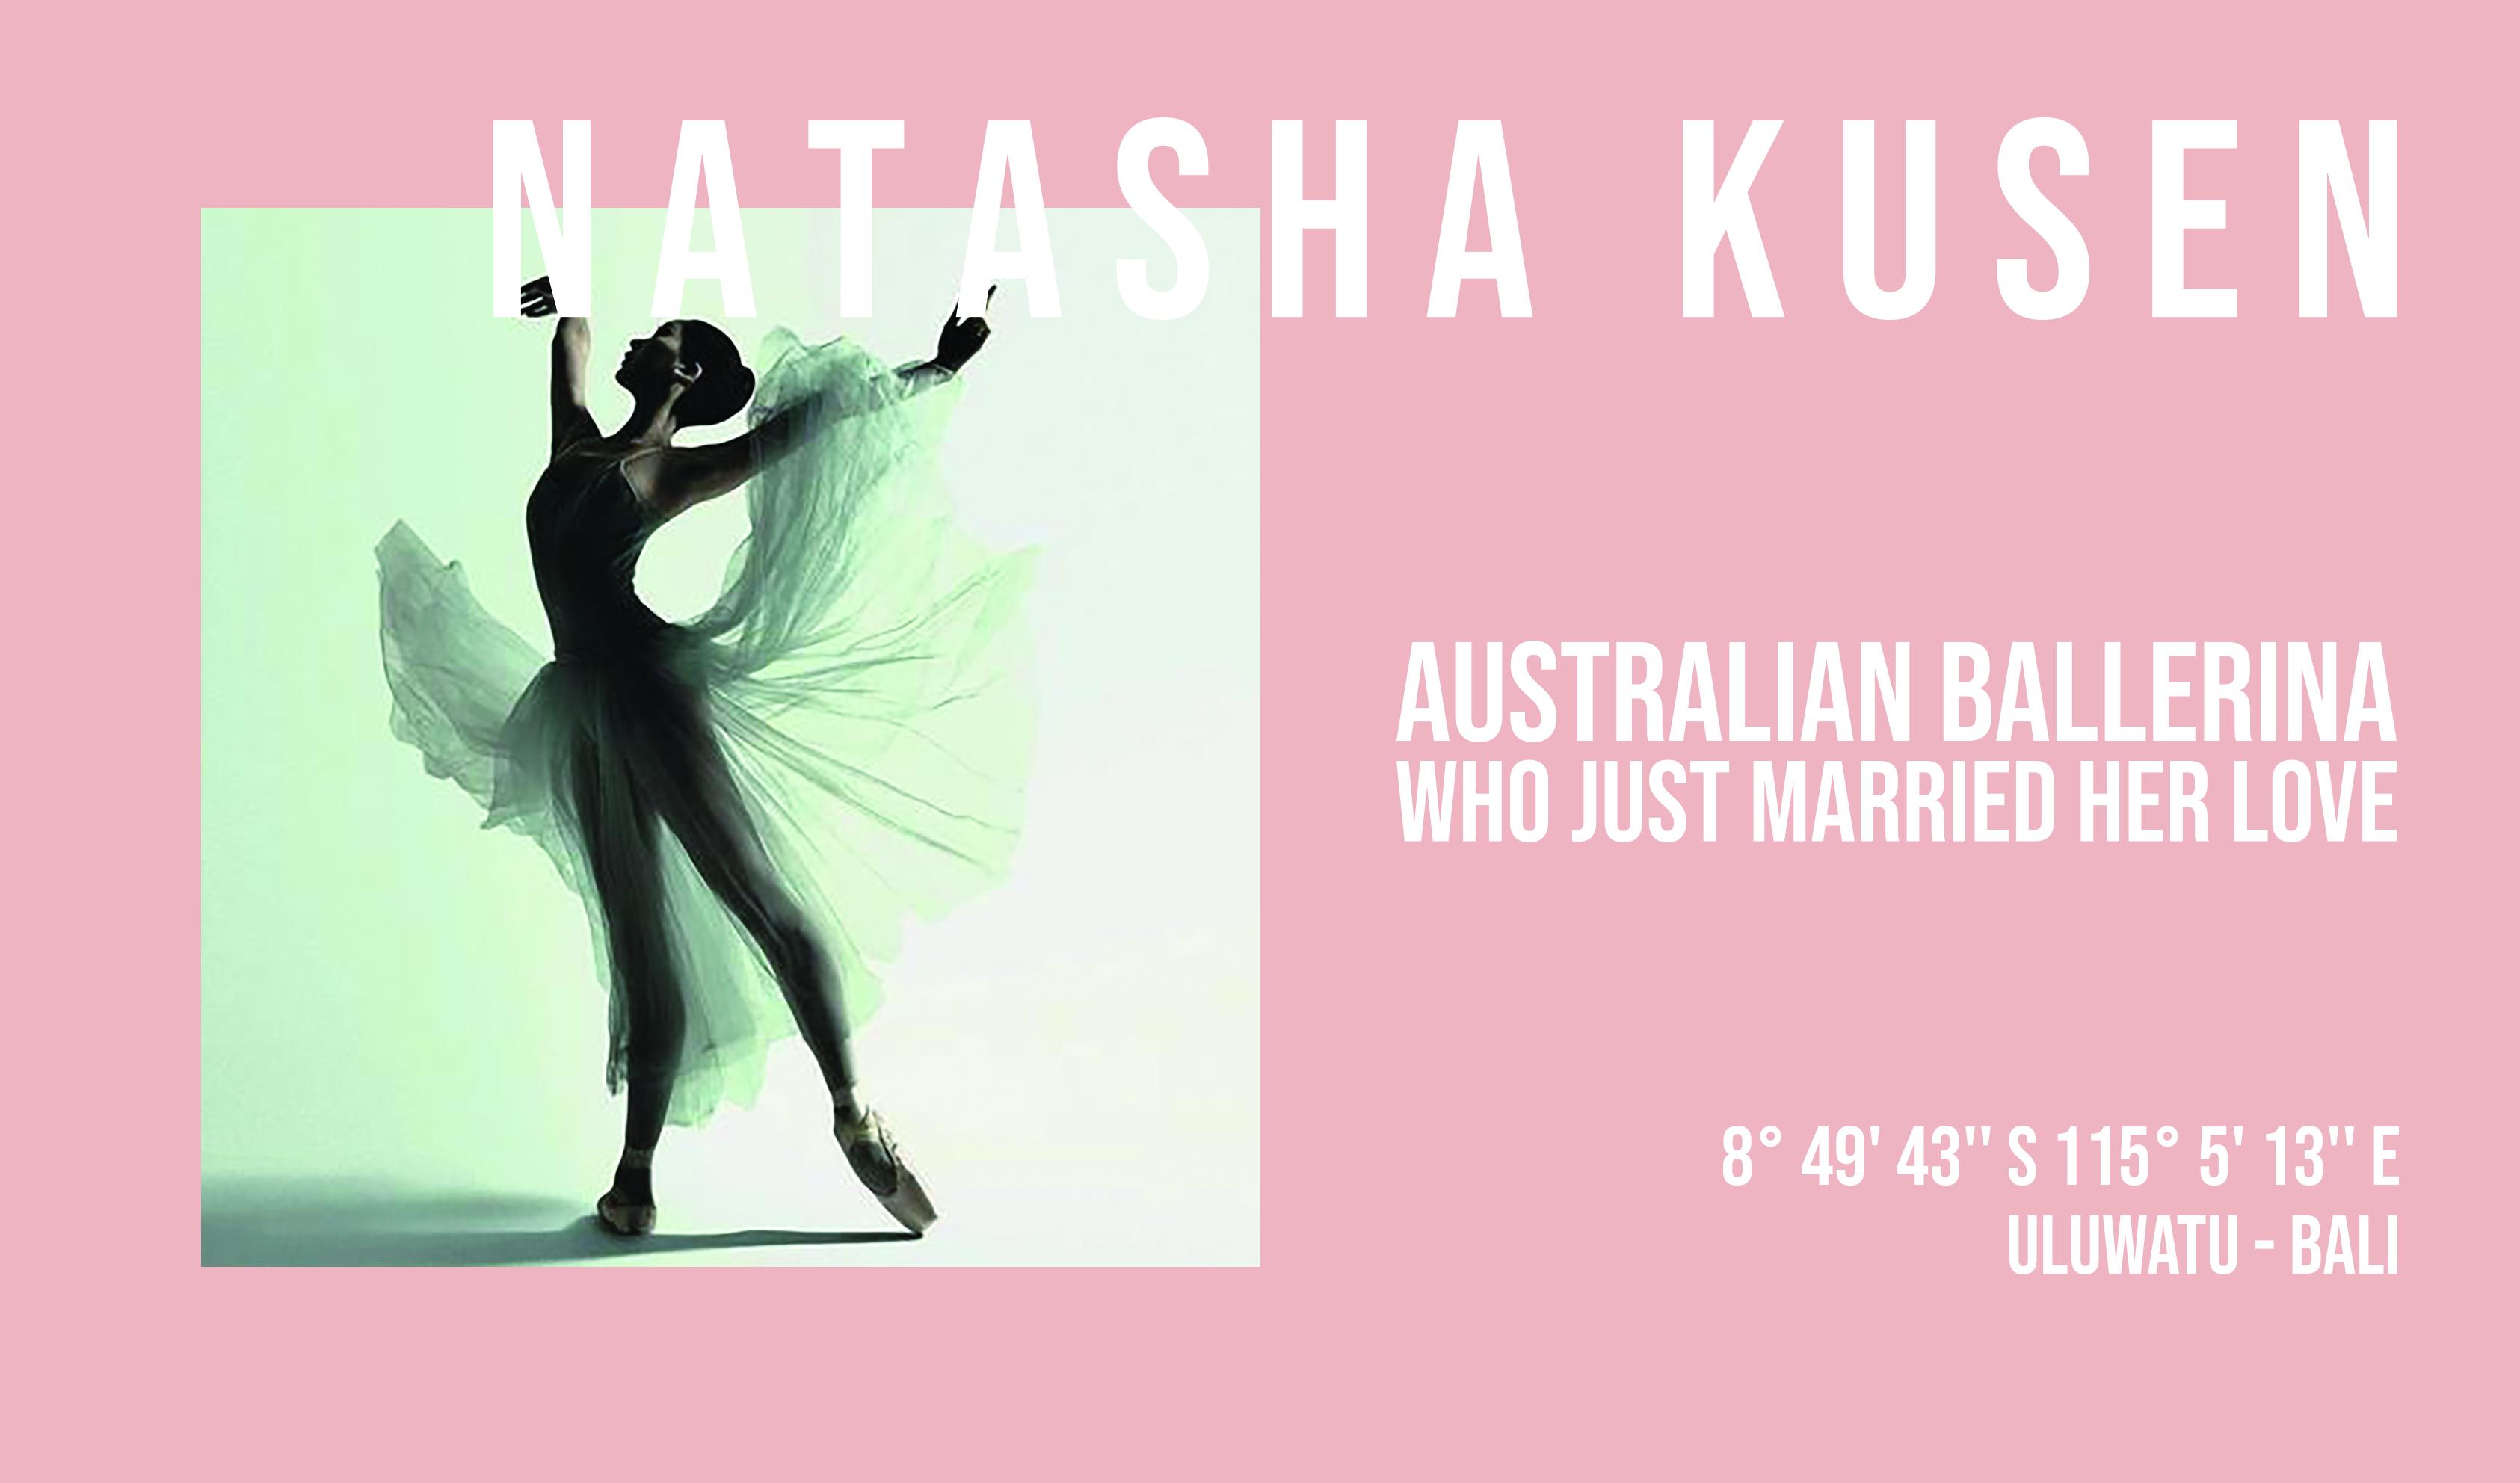 MM Natasha Kusen